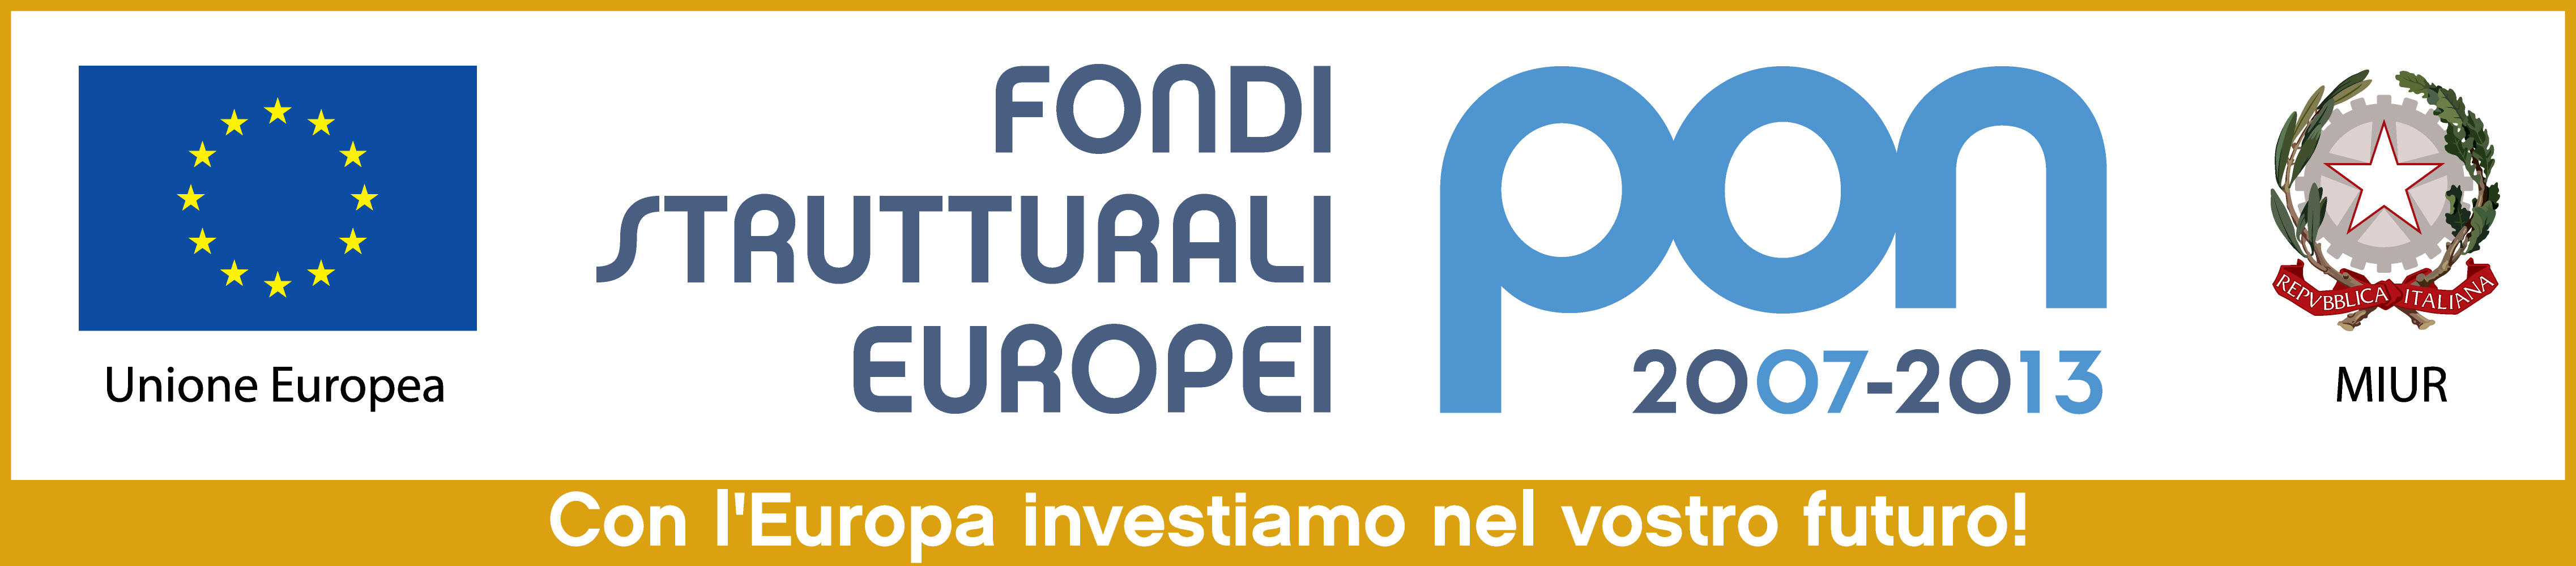 pon2007-2013